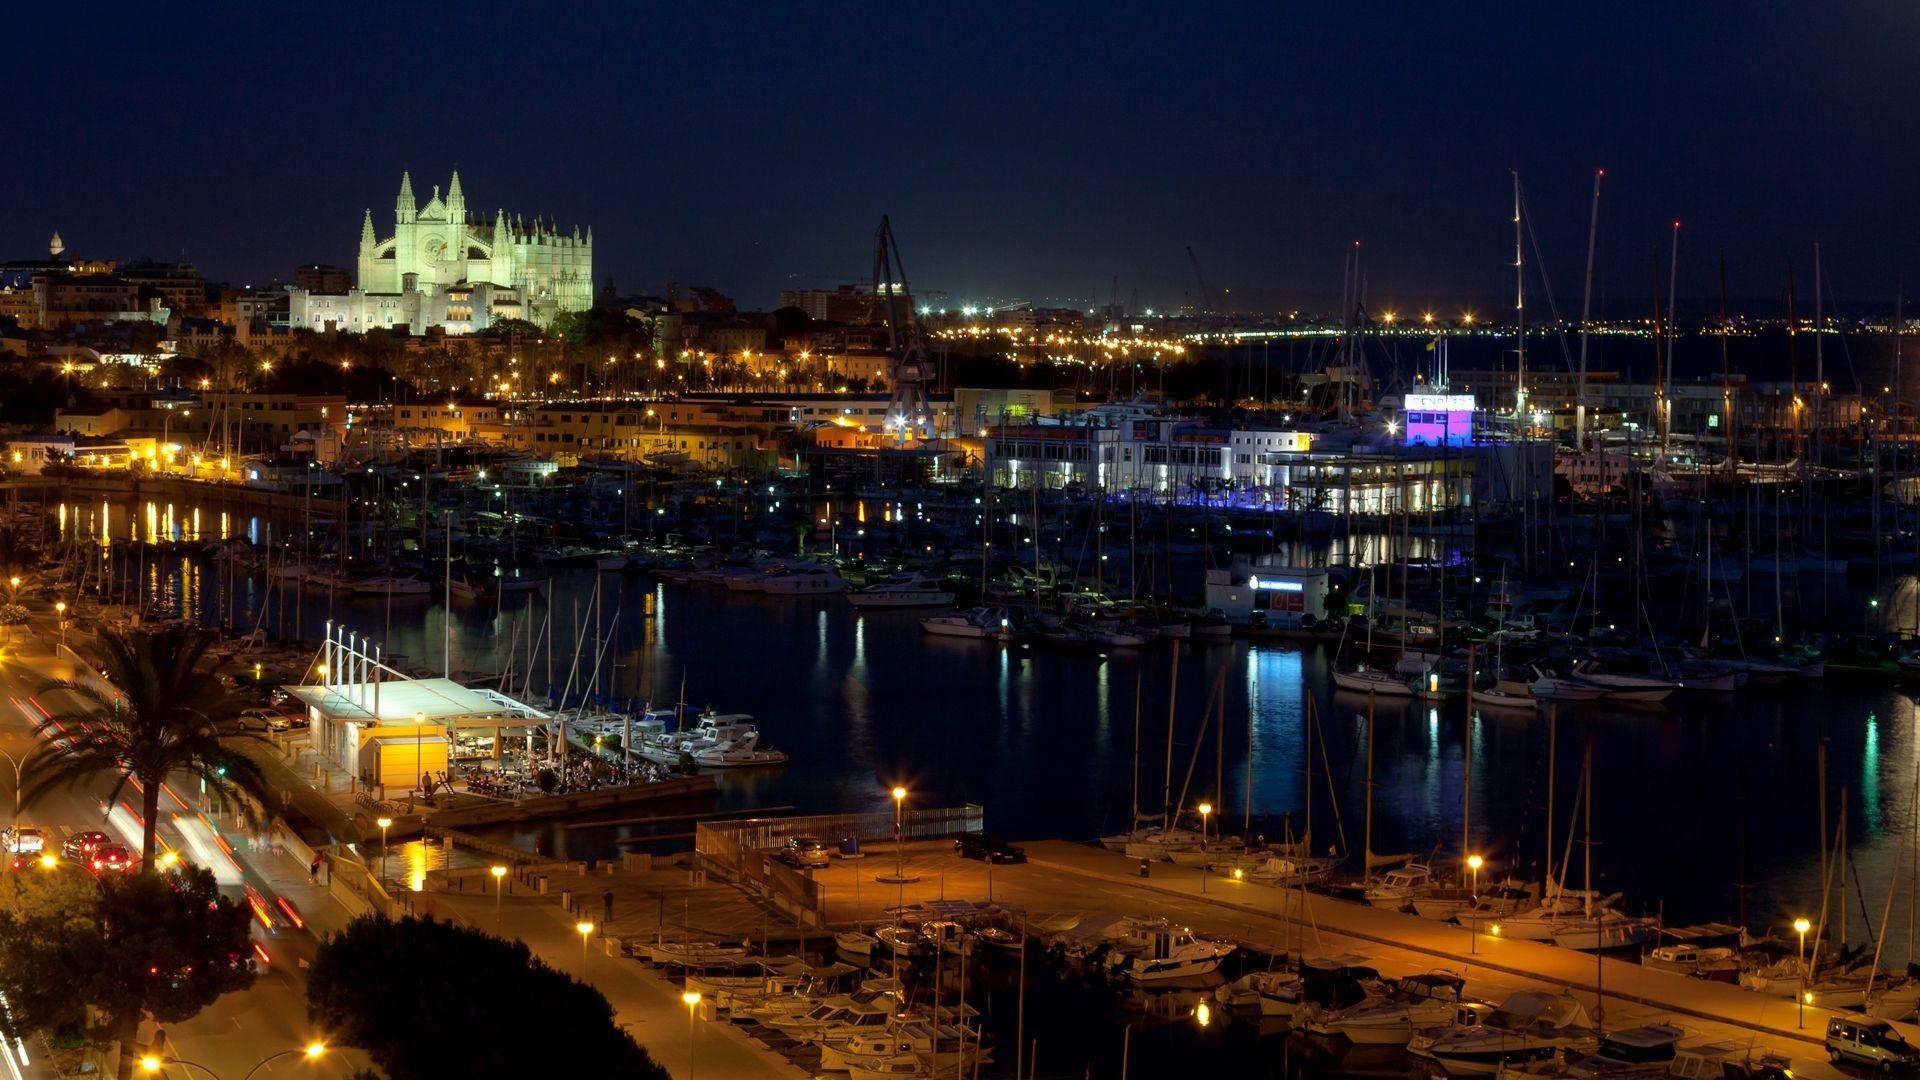 Salir de copas en Palma de Mallorca